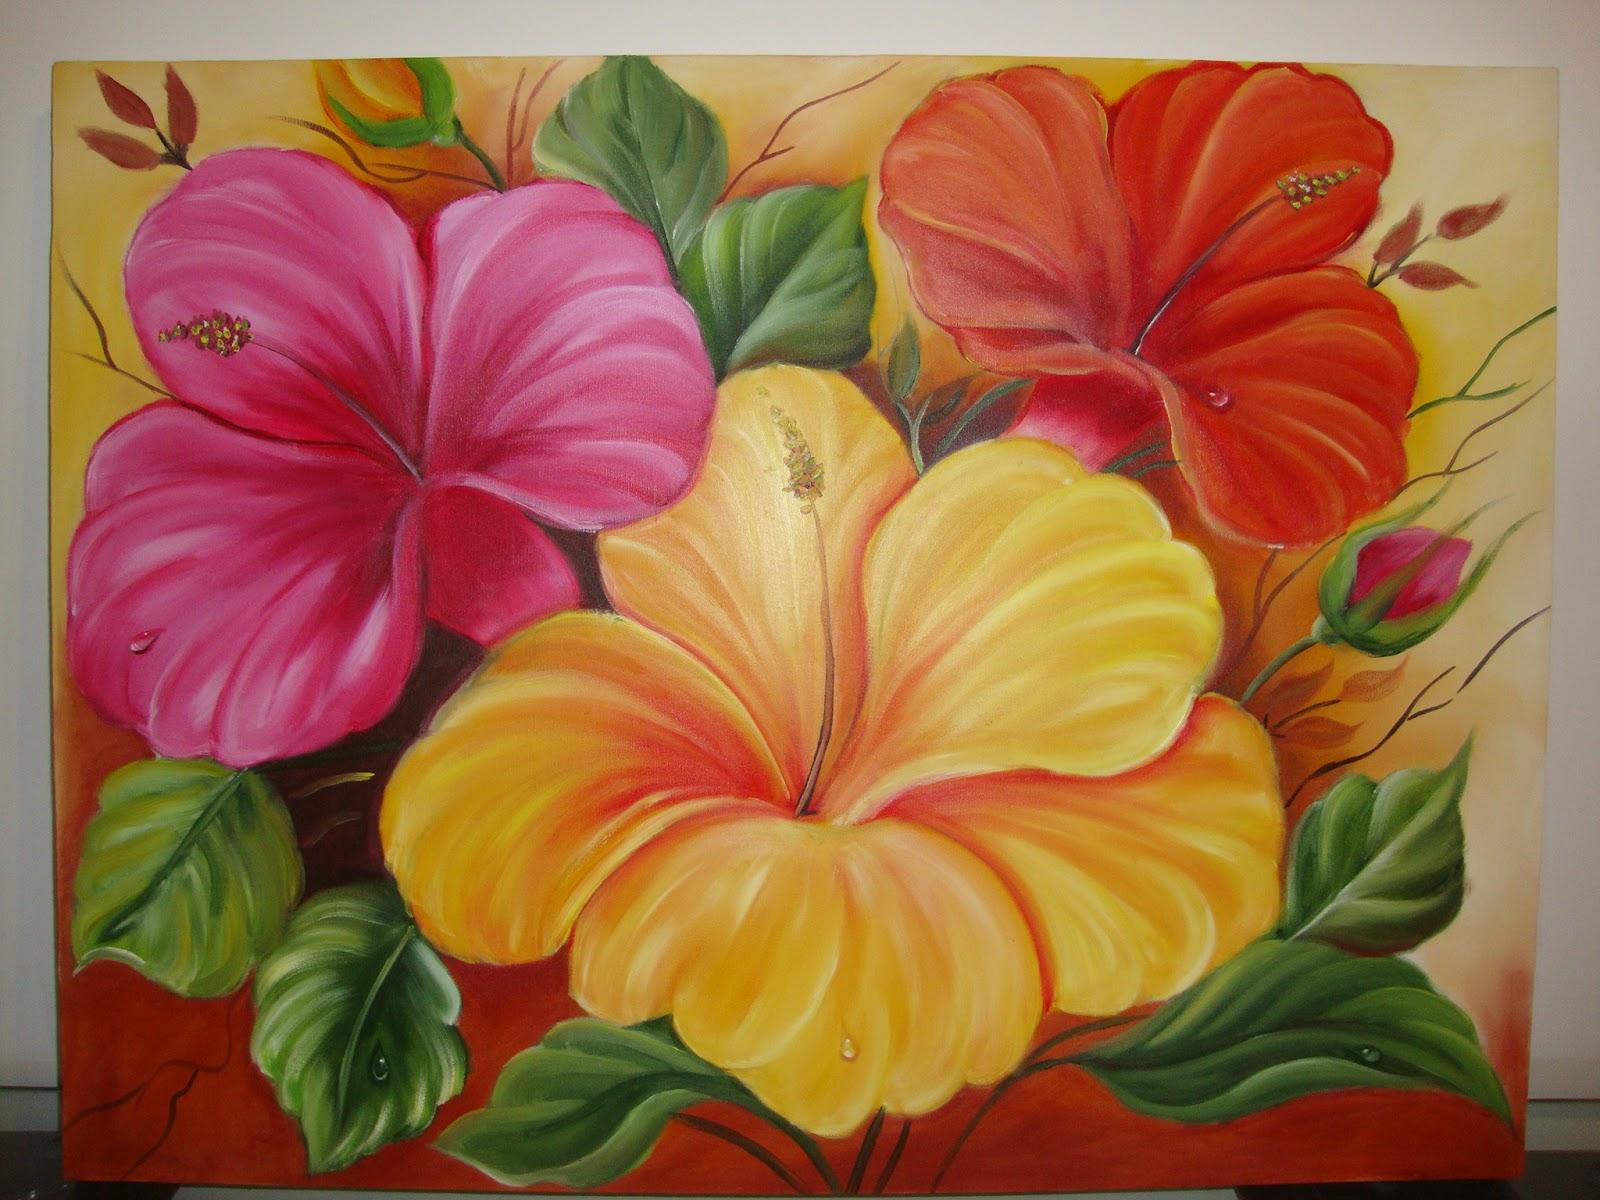 Amb artesanatos meire borges tela flores - Como pintar sobre tela ...